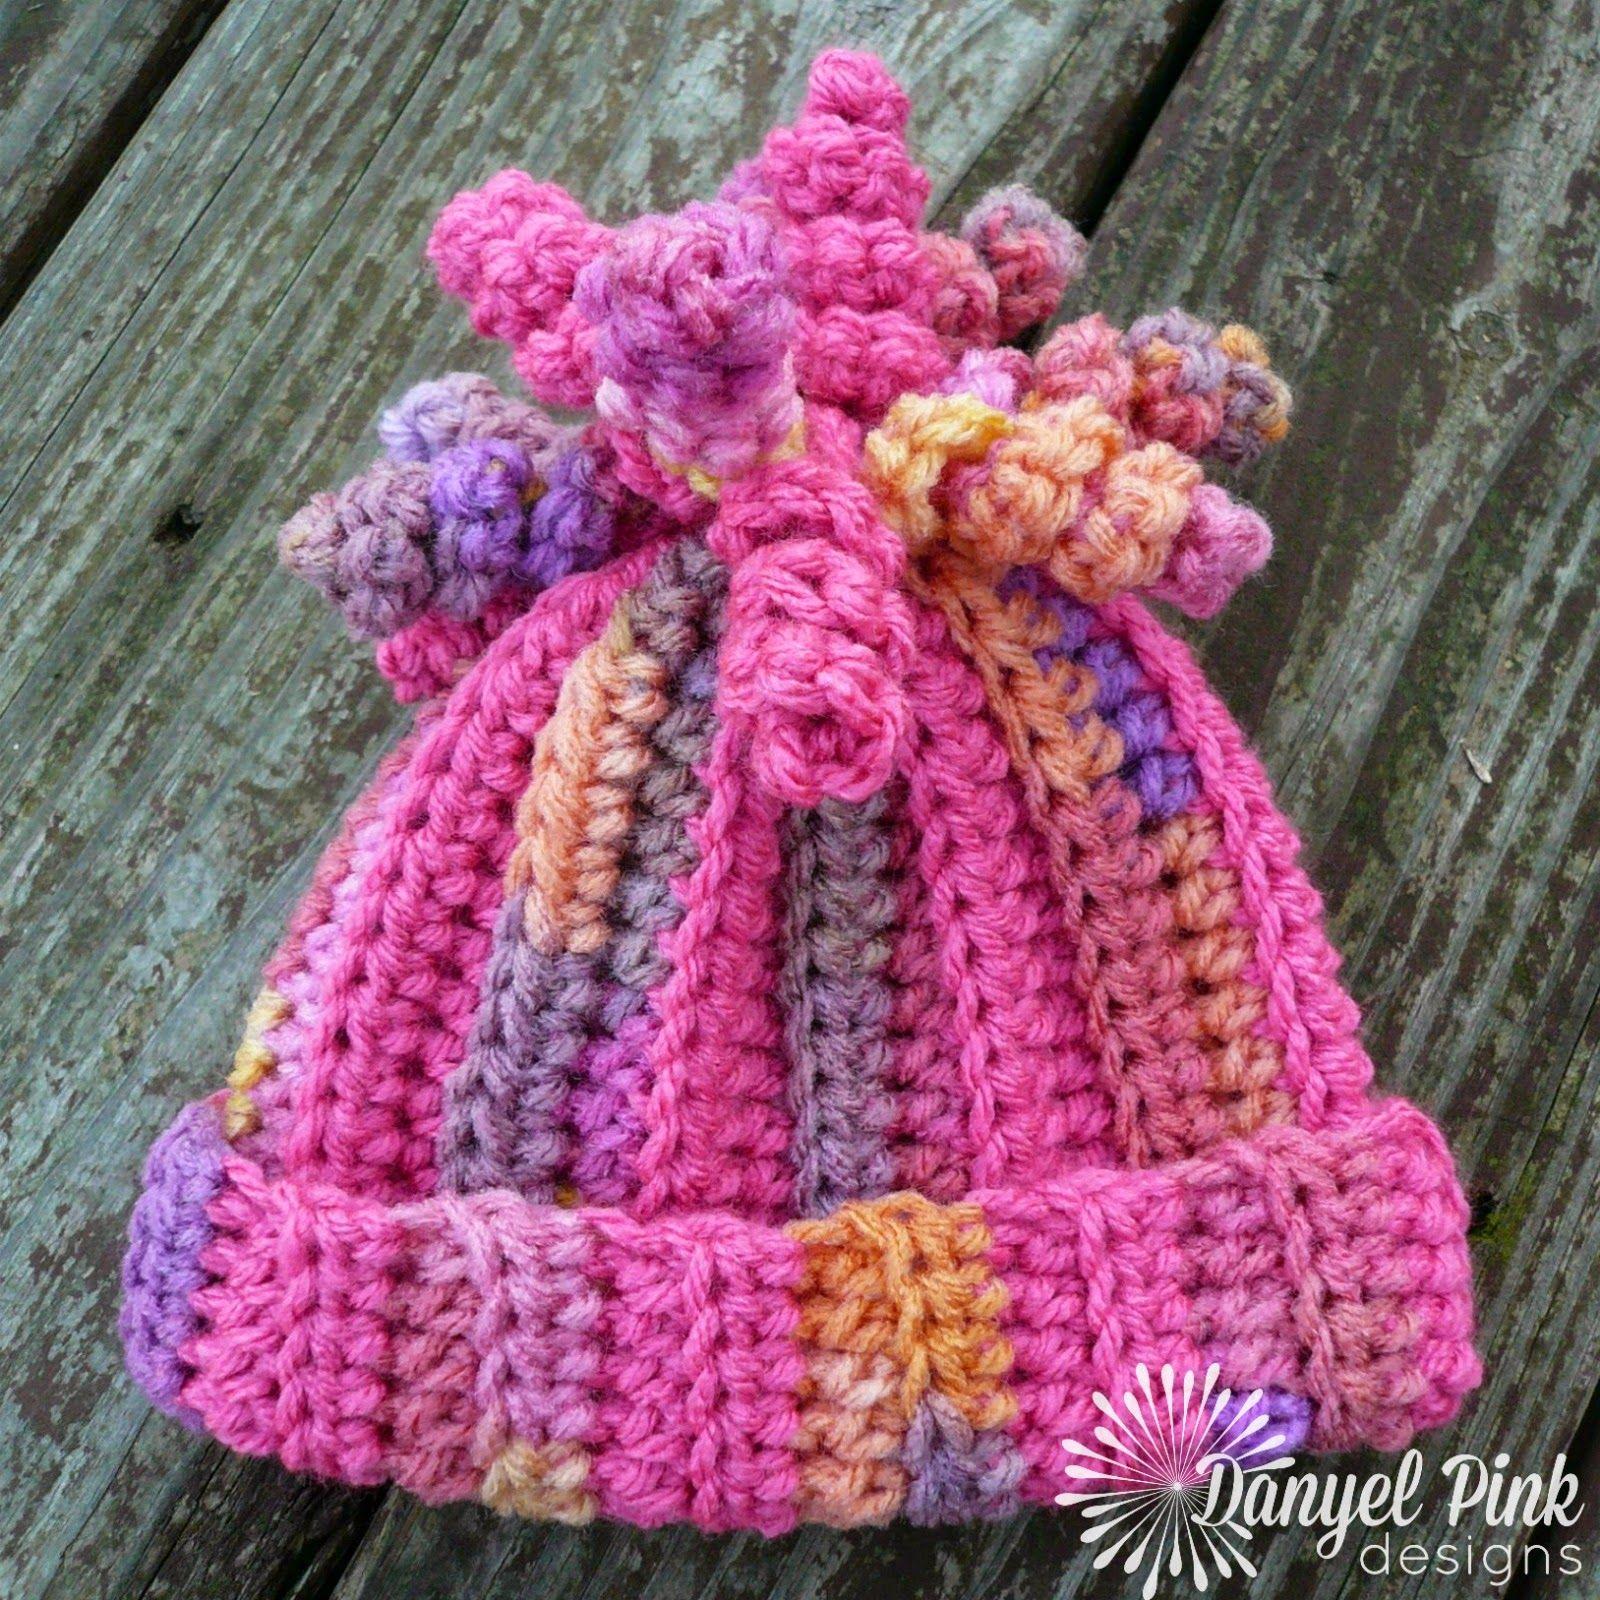 Danyel Pink Designs: PATRÓN DE CROCHET - Delaney Sombrero | gorros ...